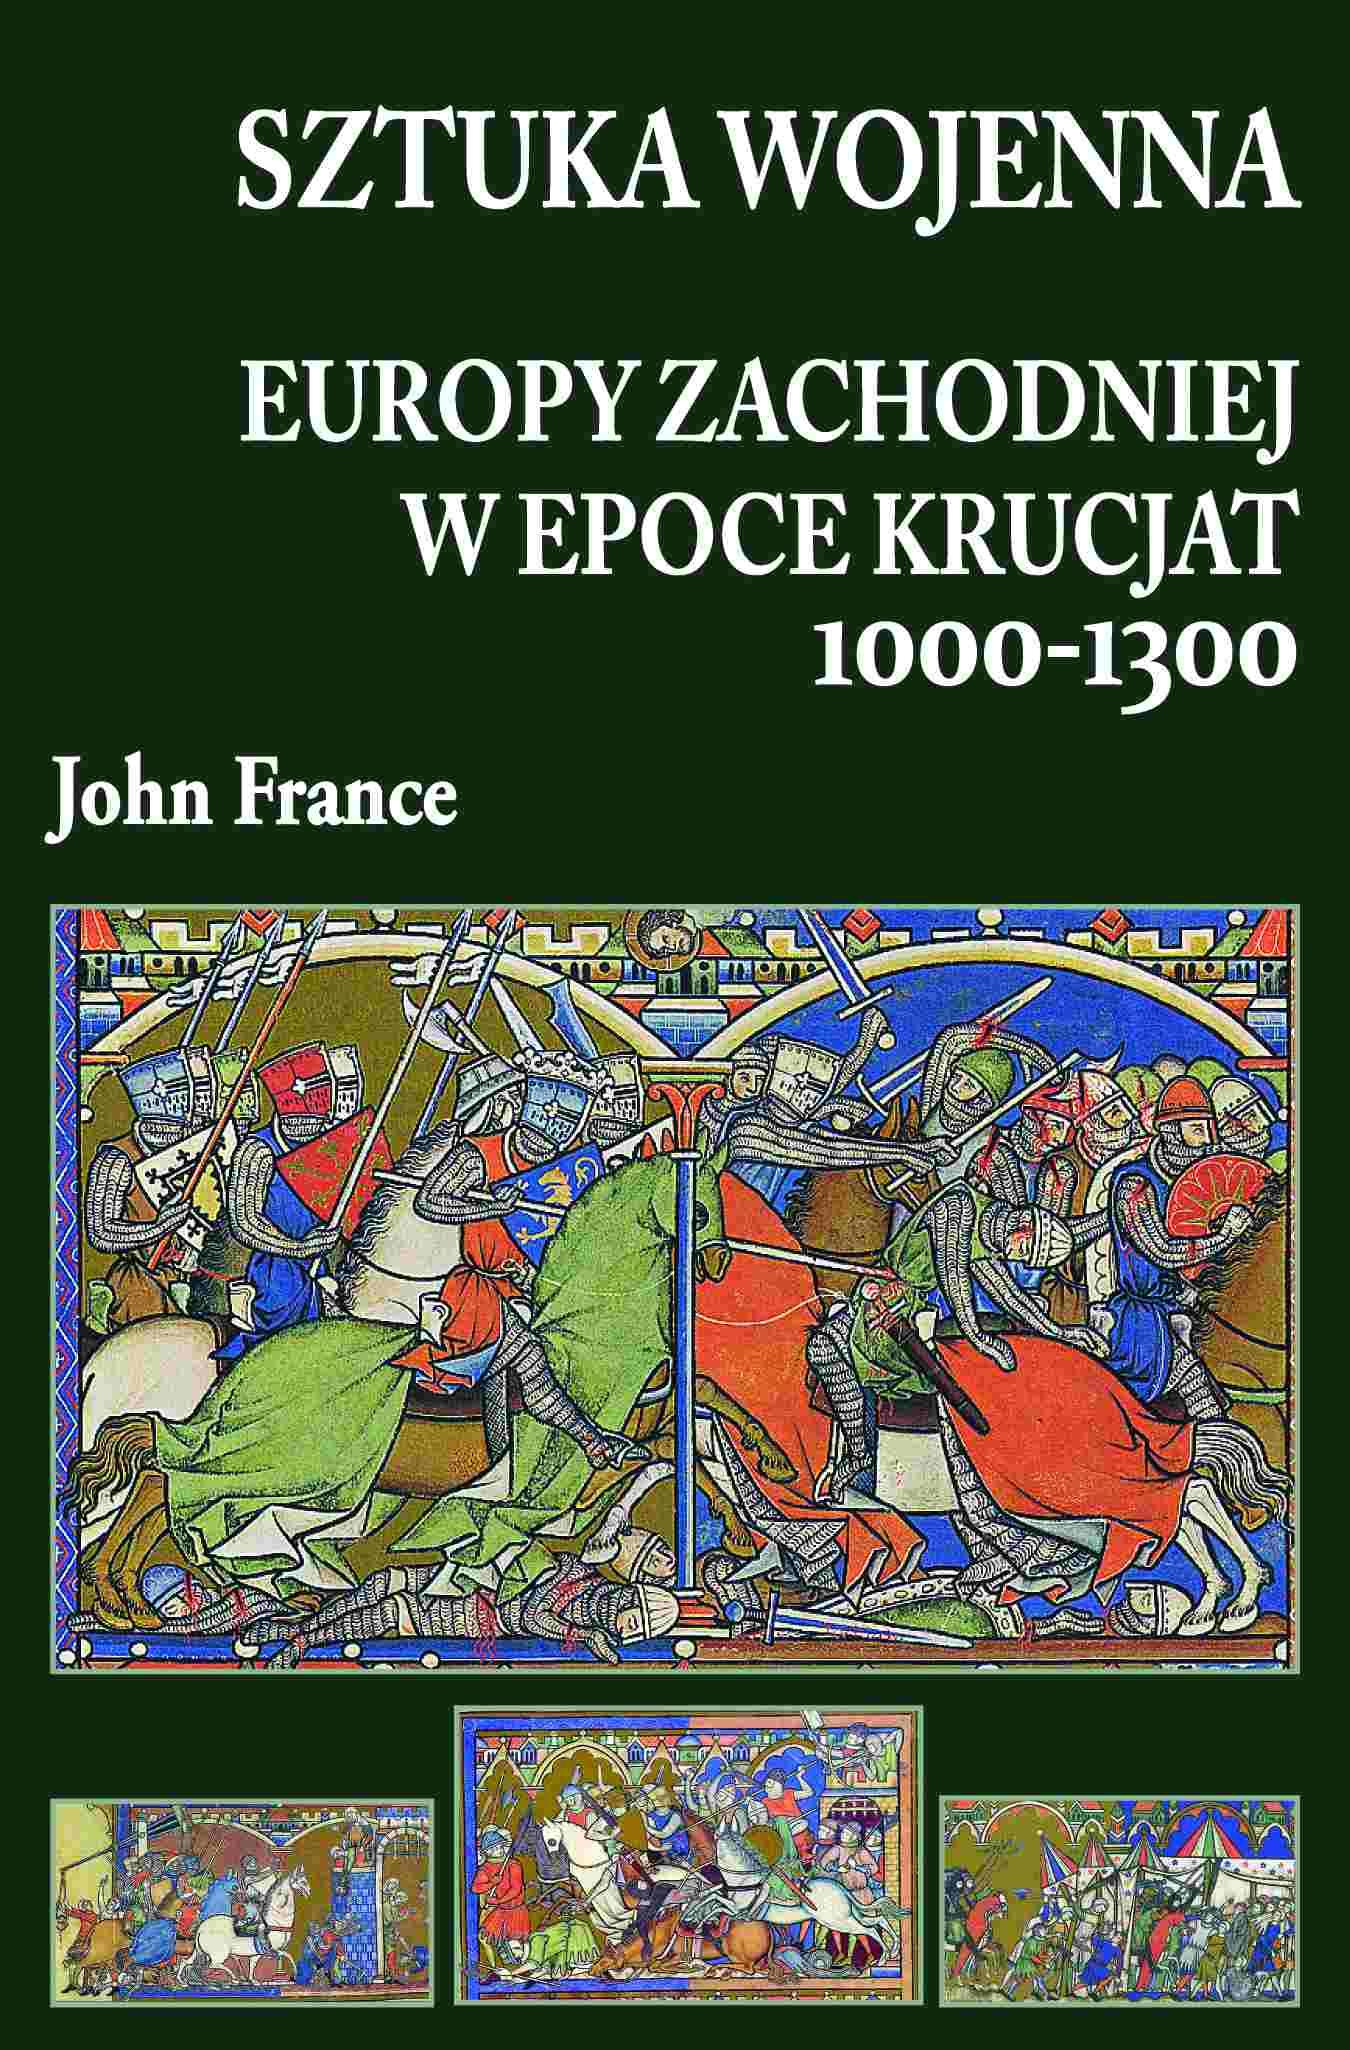 Sztuka wojenna Europy Zachodniej w epoce krucjat 1000-1300 - Ebook (Książka EPUB) do pobrania w formacie EPUB